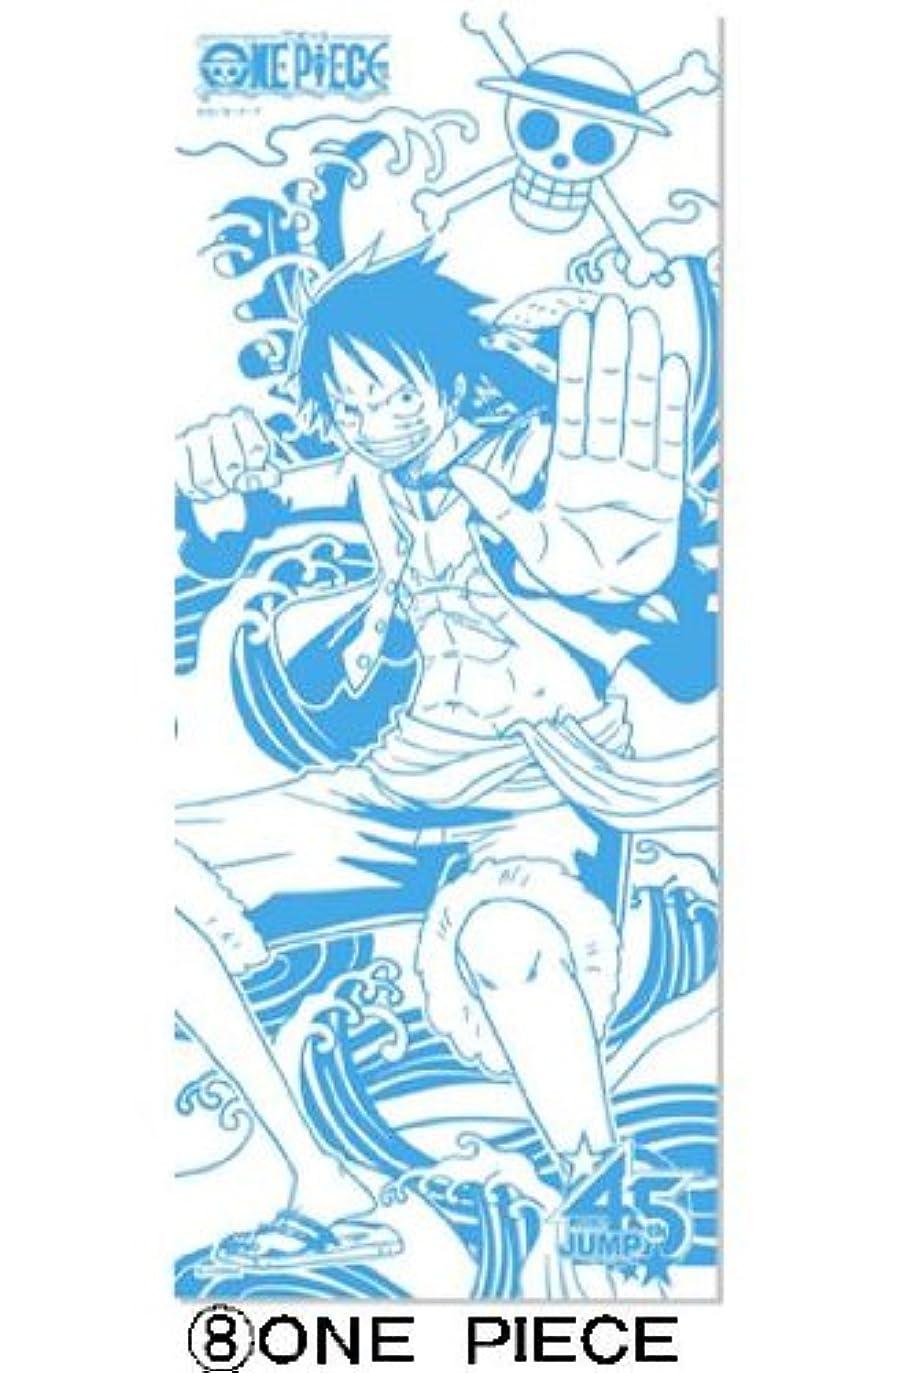 スリム薬用会計週刊少年ジャンプ45周年記念J-STARS ミニ手ぬぐい付き入浴剤(ワンピース)